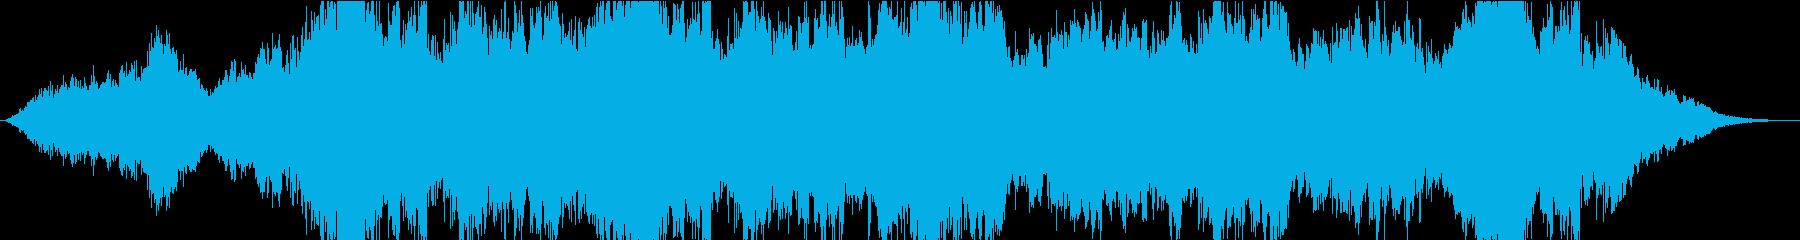 海外アニメ劇伴風ファンタジーオーケストラの再生済みの波形